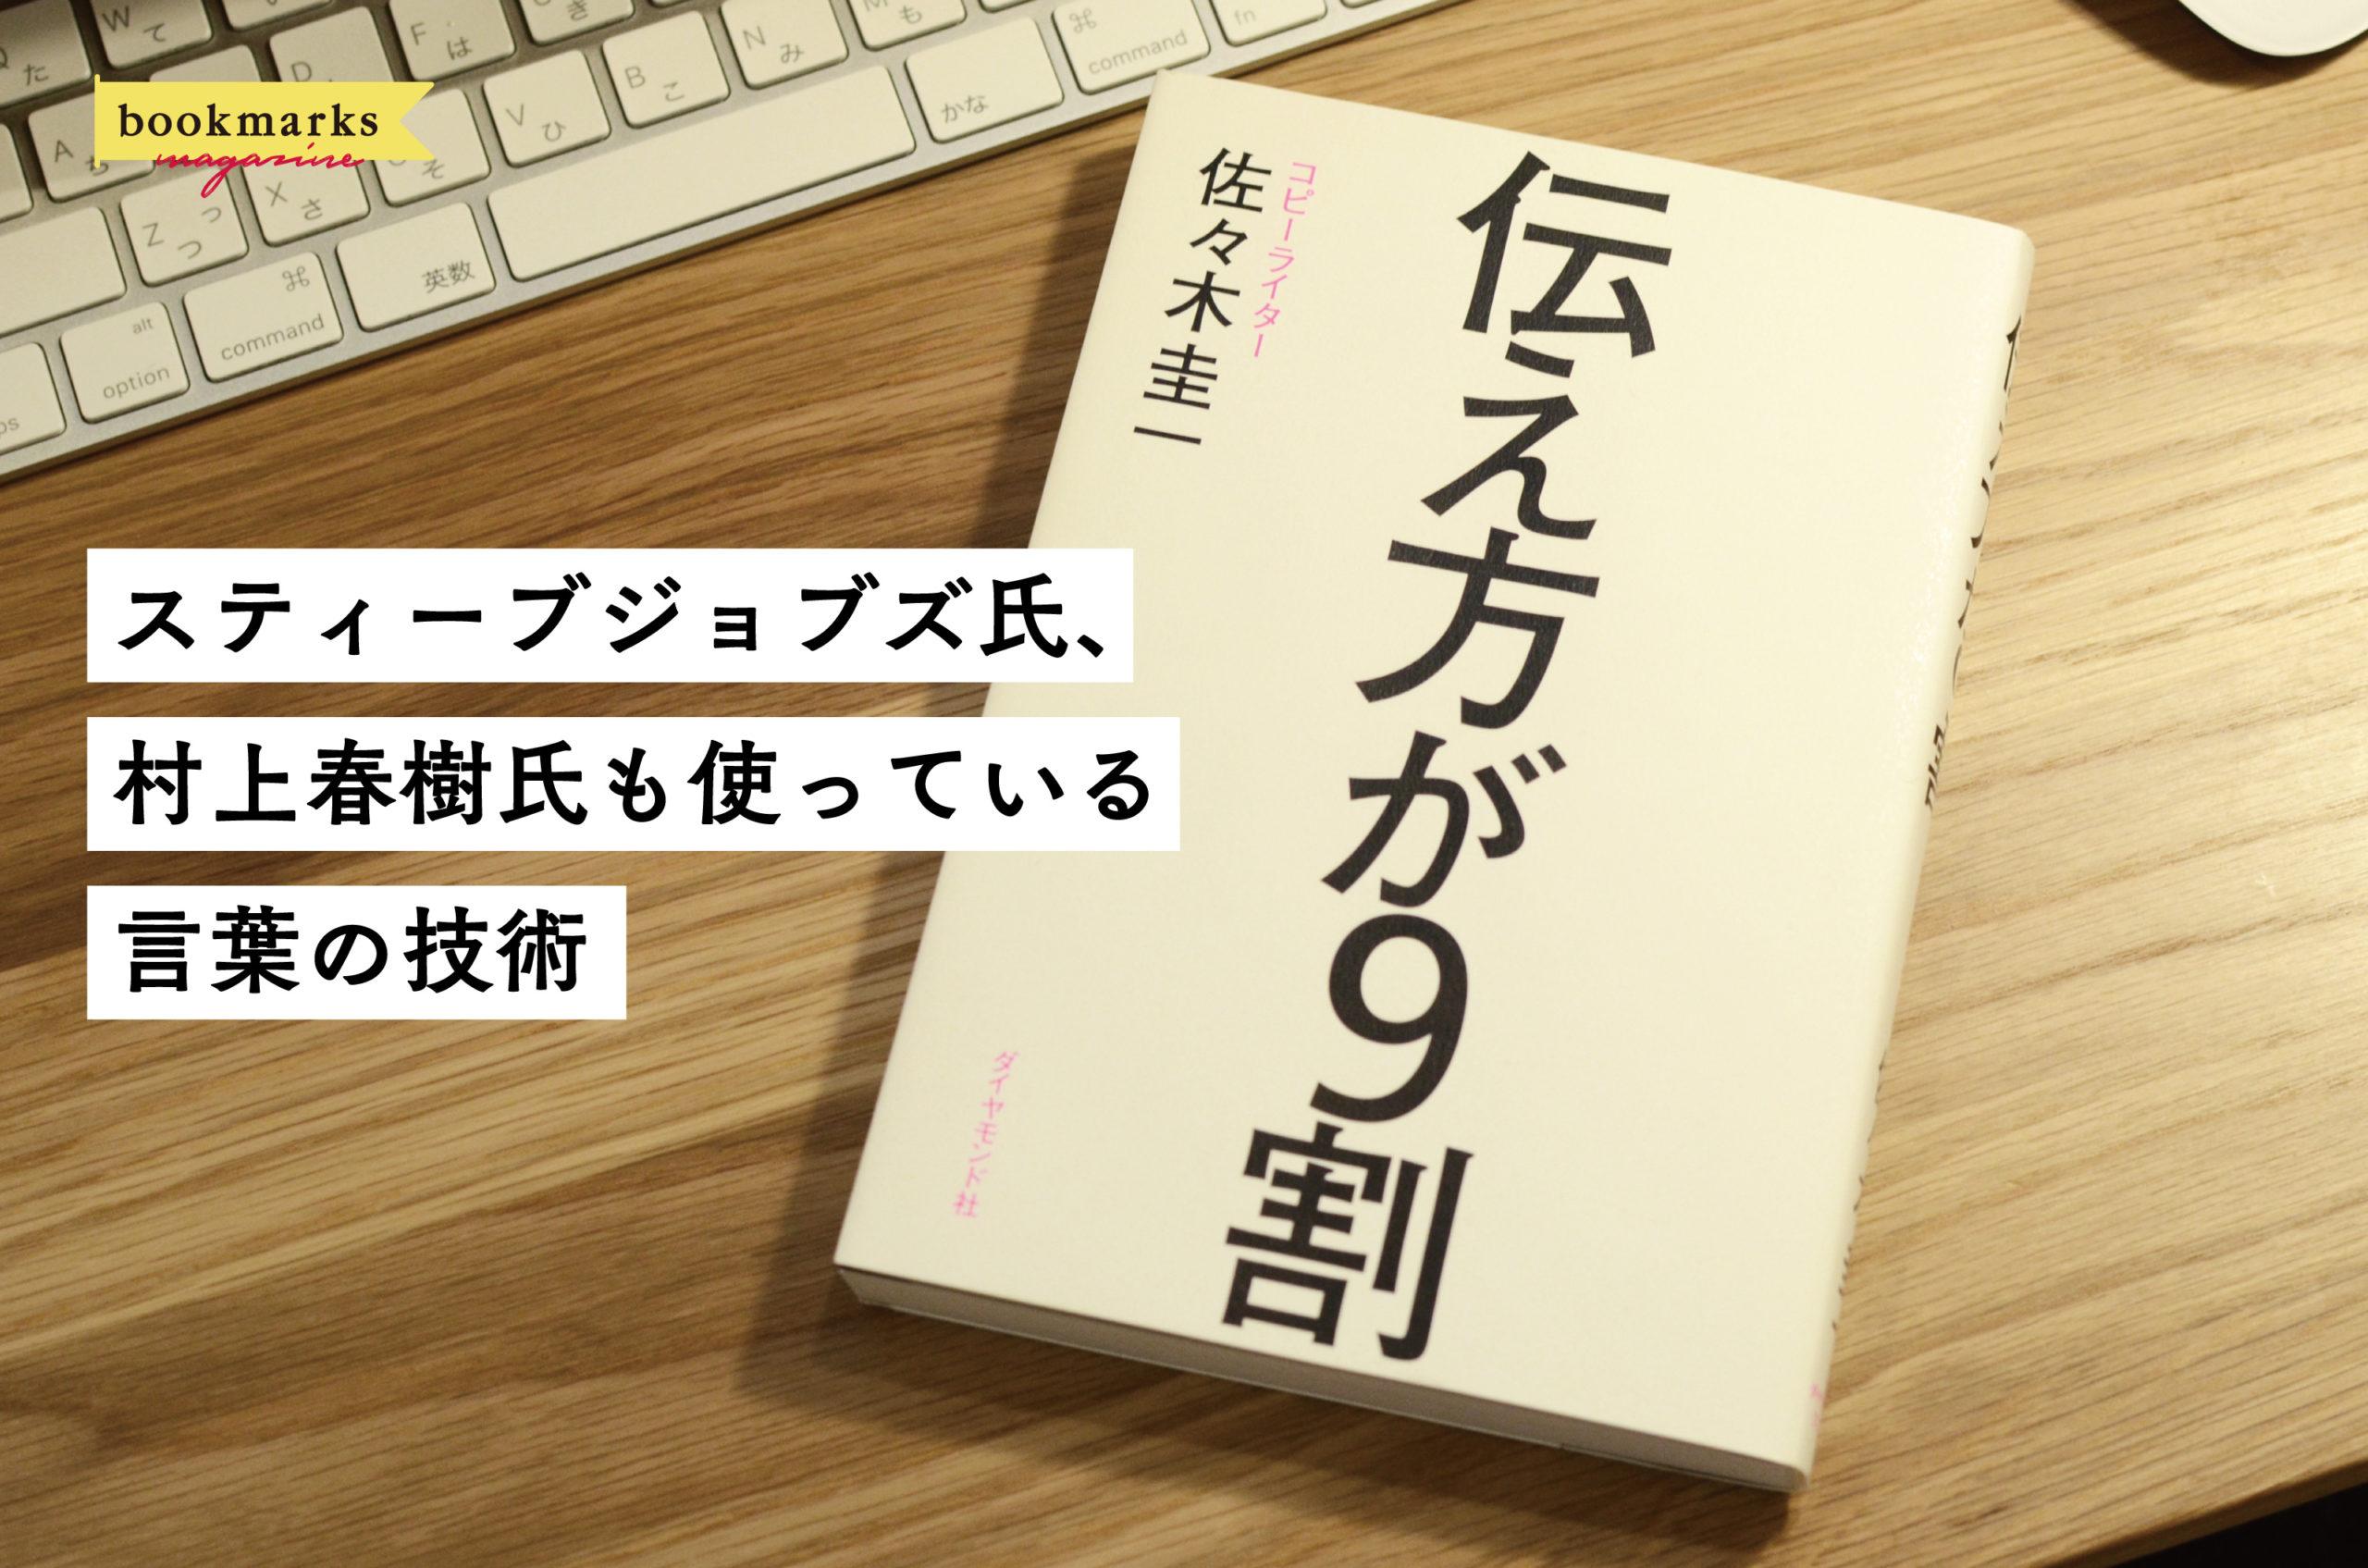 「スティーブジョブズ氏、村上春樹氏も使っている言葉の技術」のアイキャッチ画像